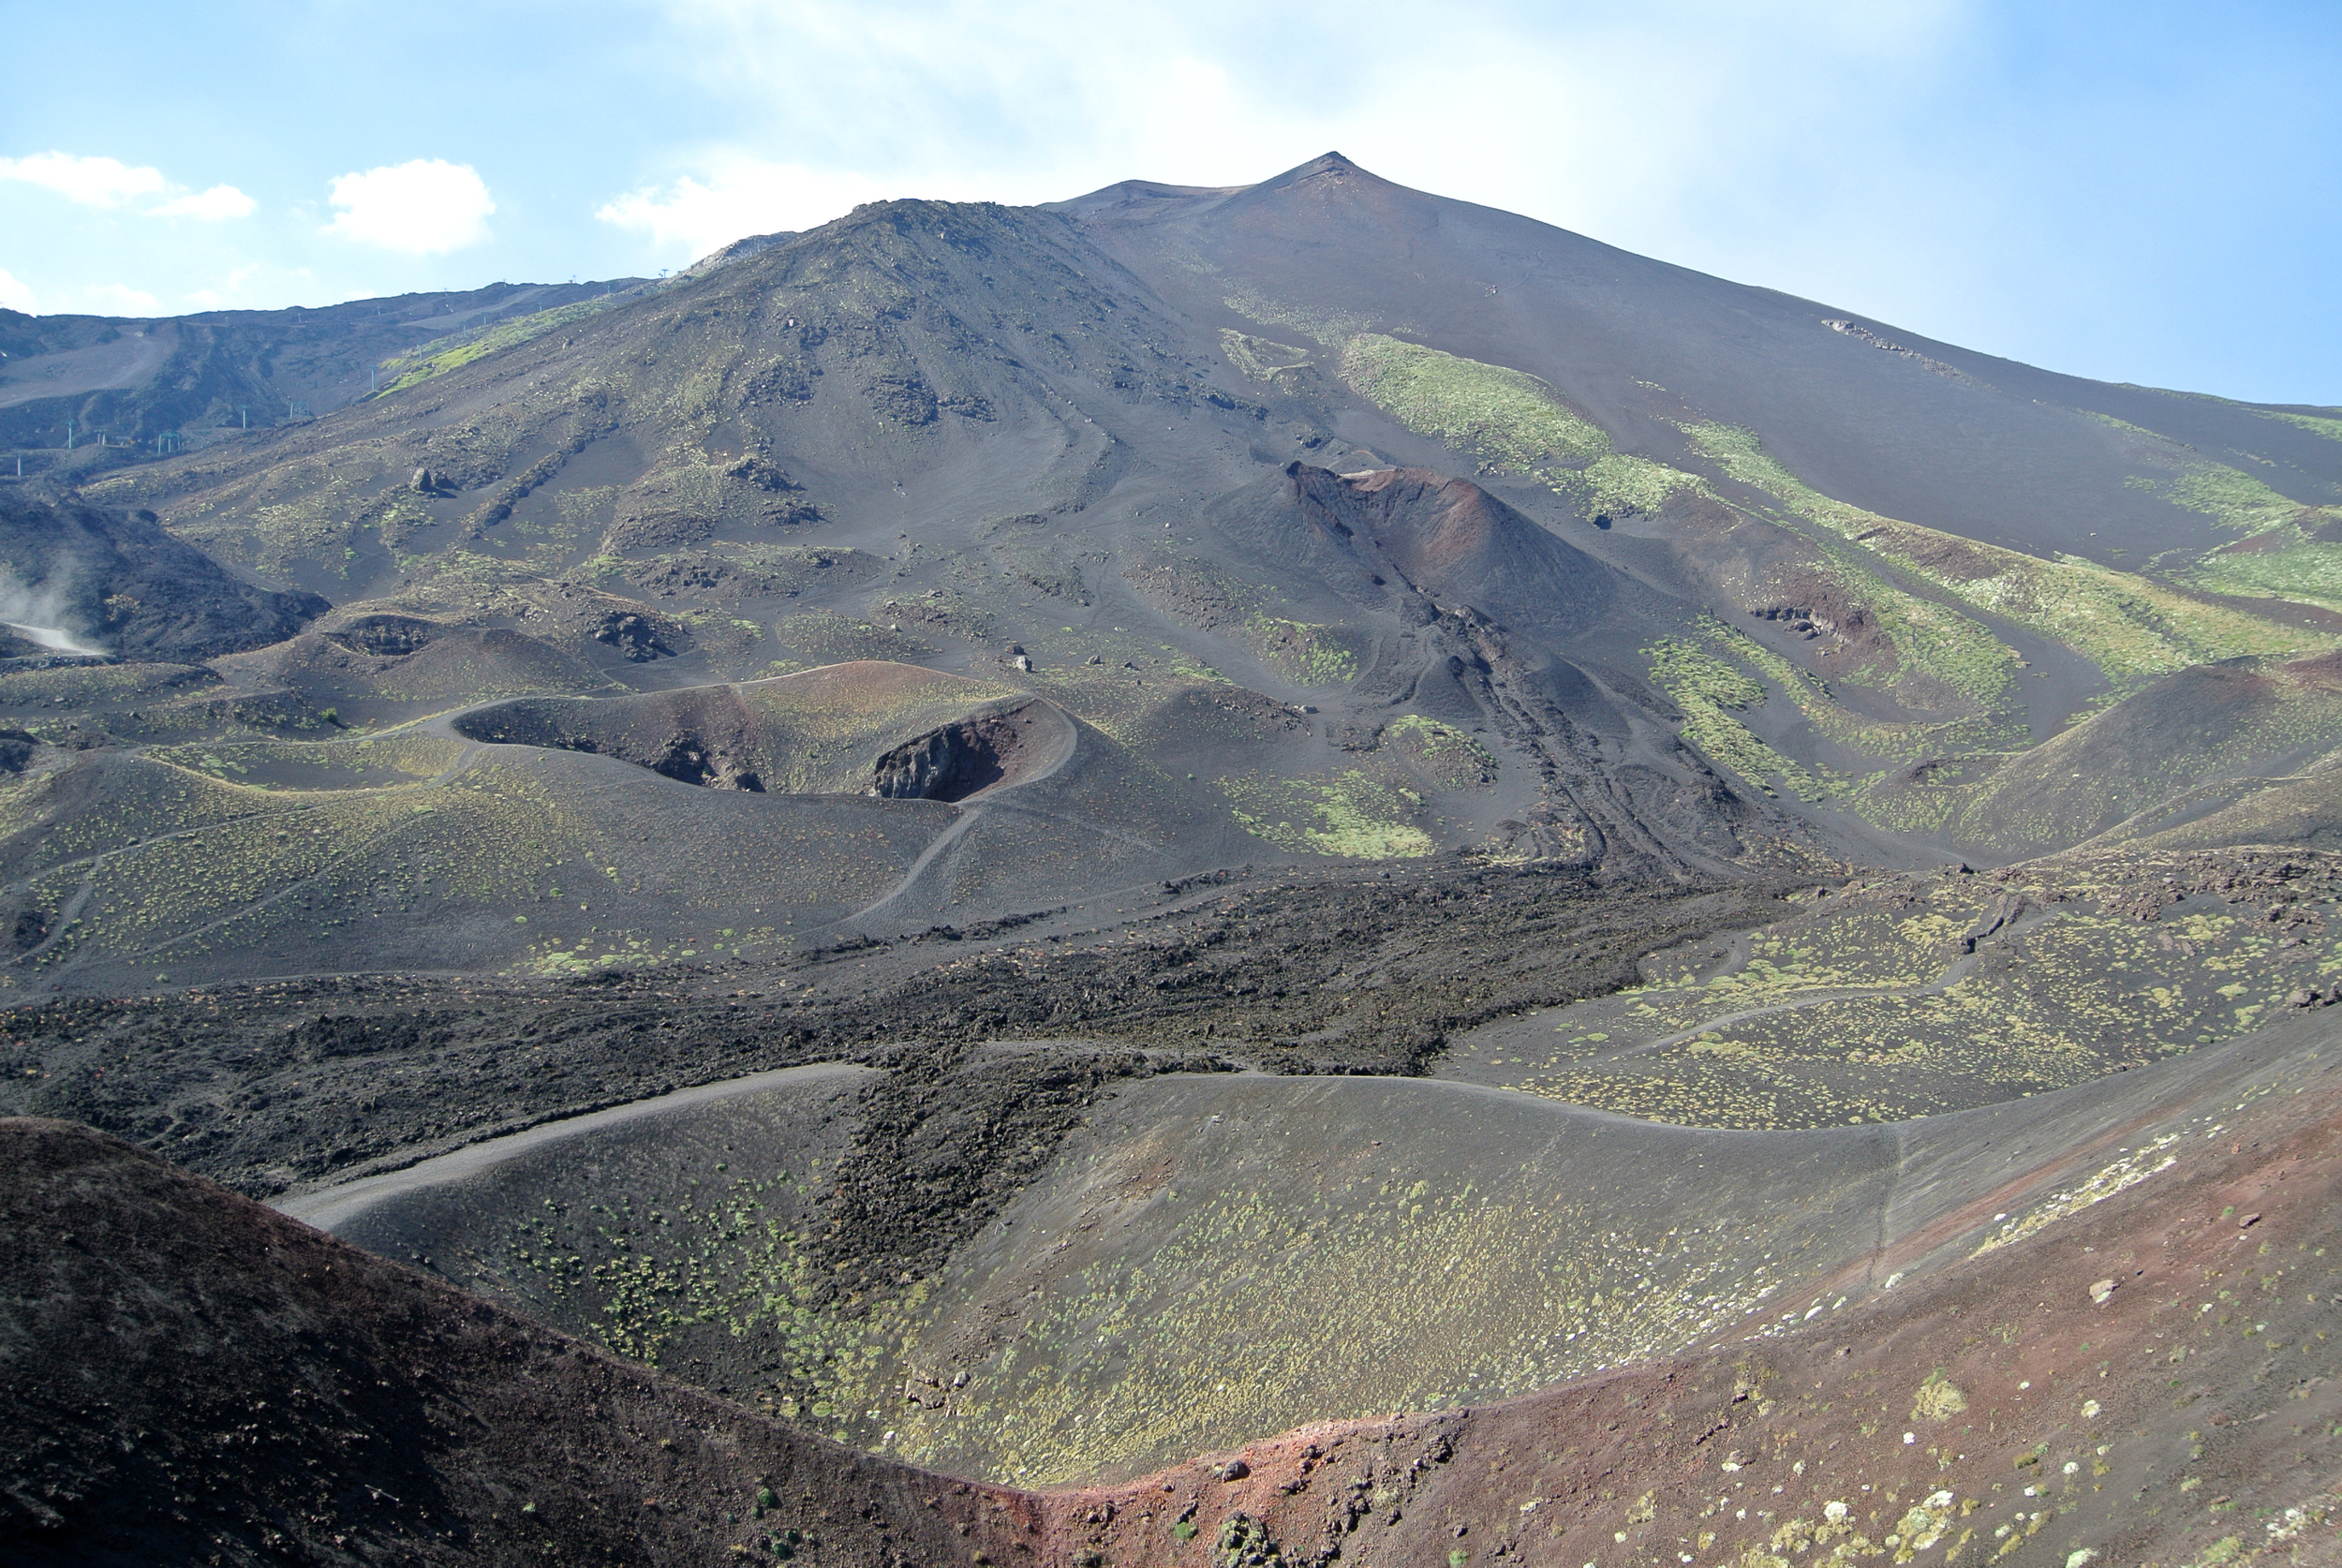 lava flows 2/3rds up Mt. Etna